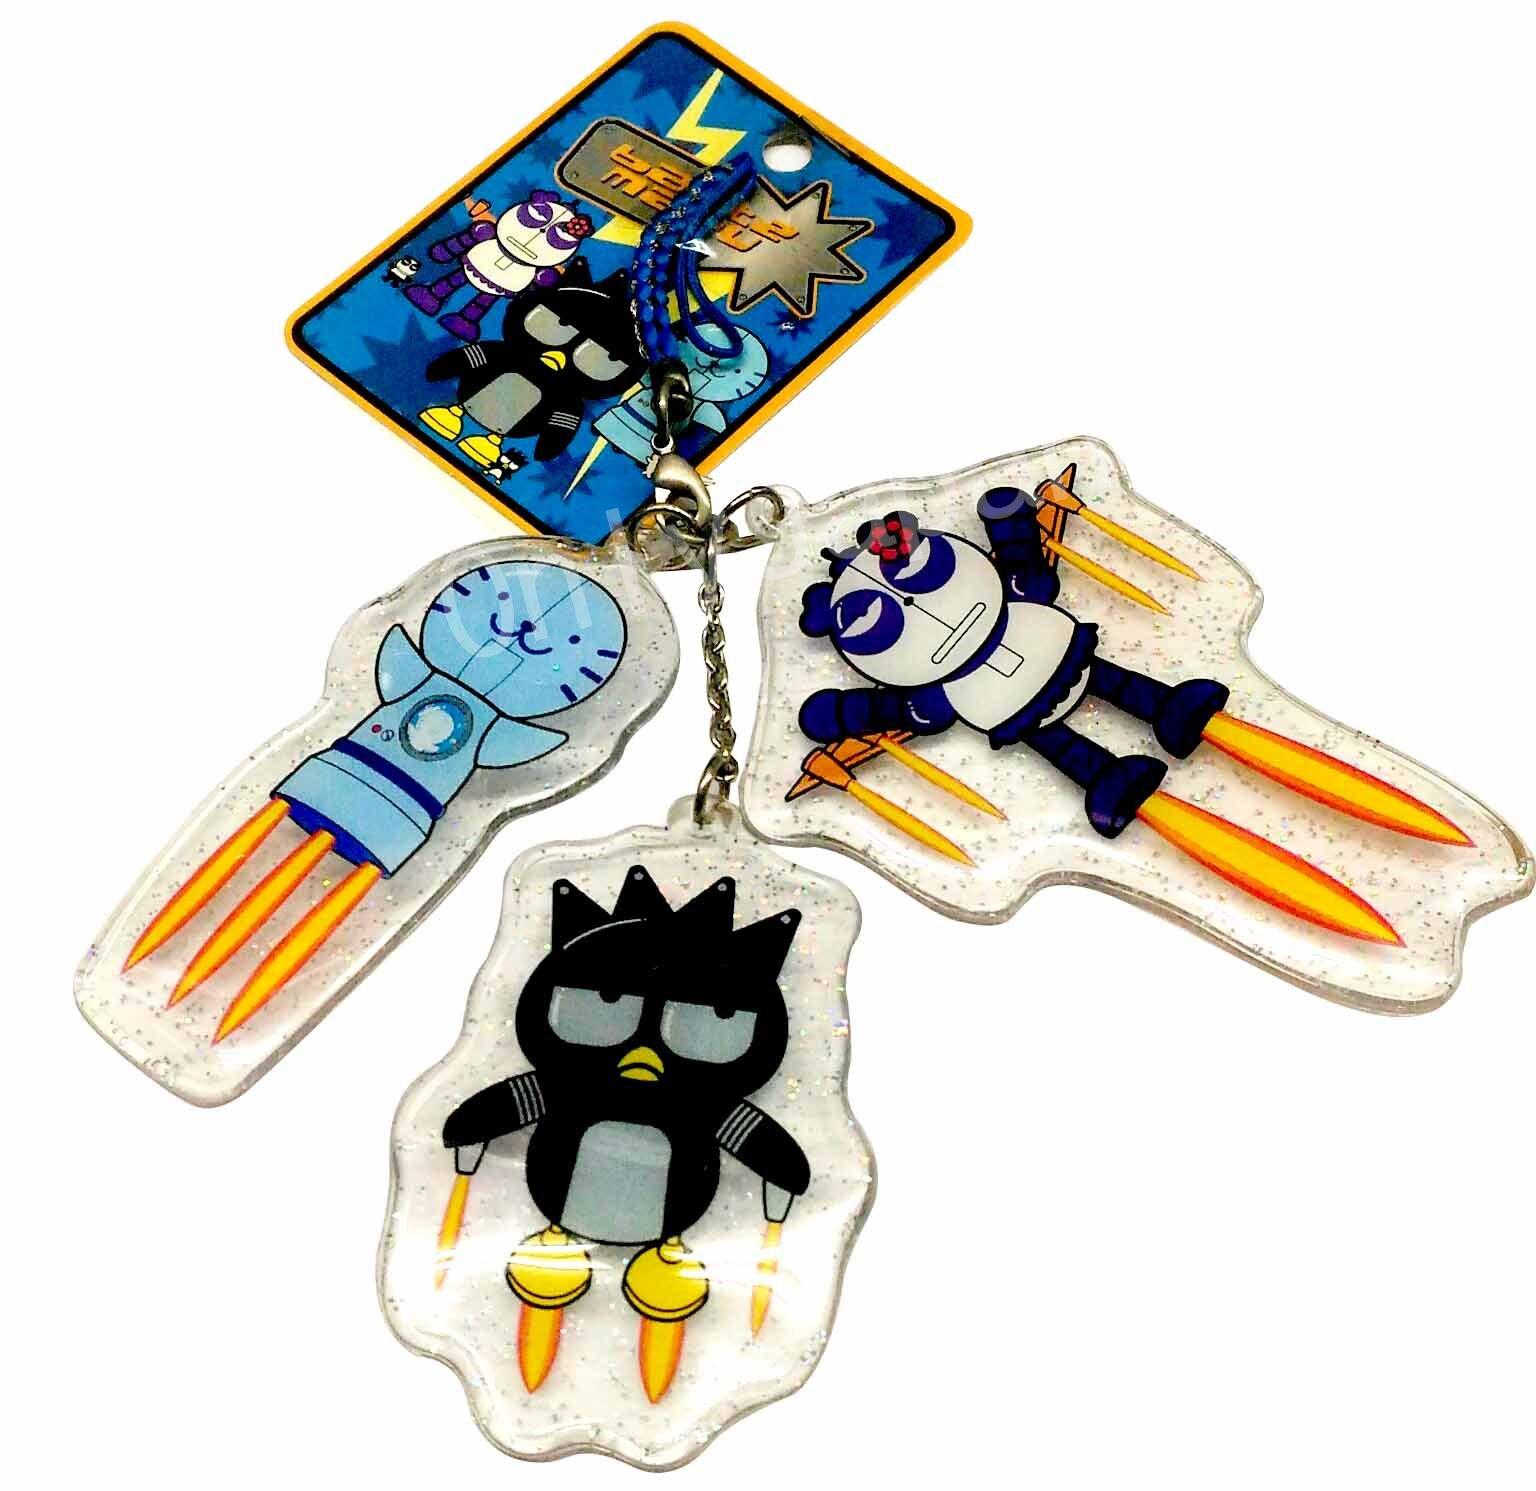 【真愛日本】6040700049 三人物亮粉根付 三麗鷗 酷企鵝 xo 海豹 收藏 擺設 吊飾 鑰匙圈 造型吊飾 日用品